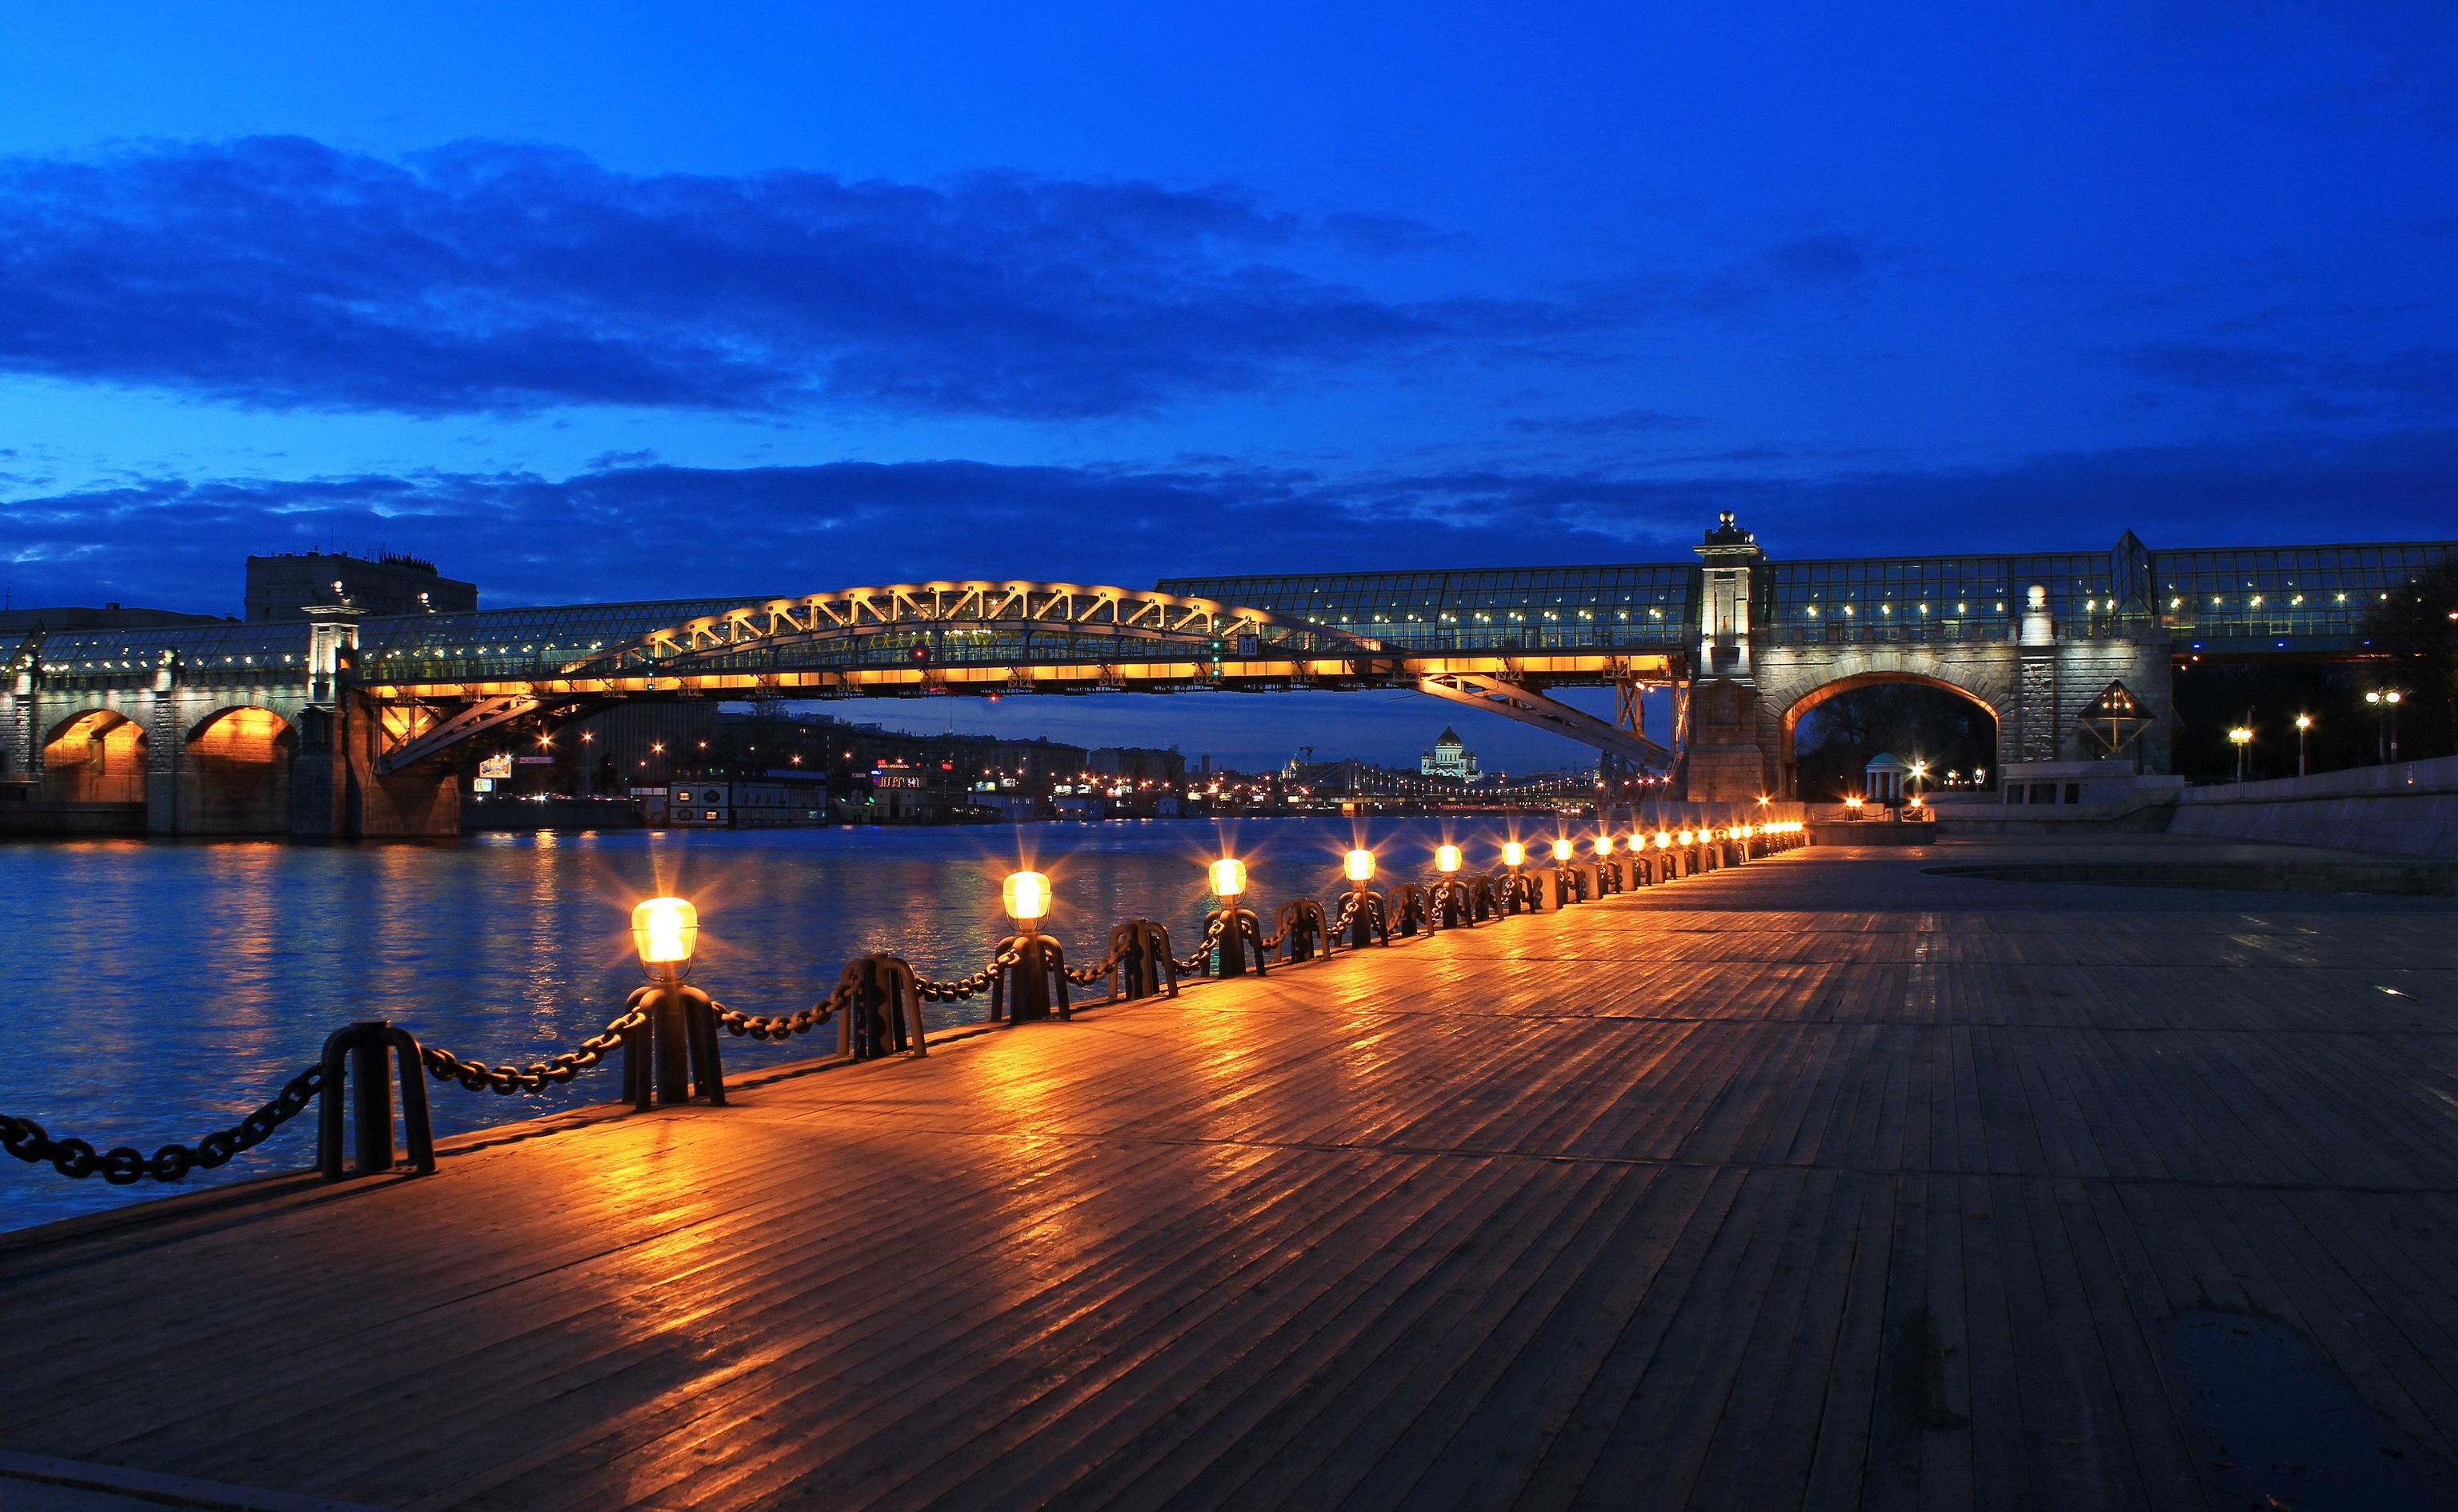 108158 скачать обои Москва, Мост, Пушкинская Набережная, Ночь, Города - заставки и картинки бесплатно